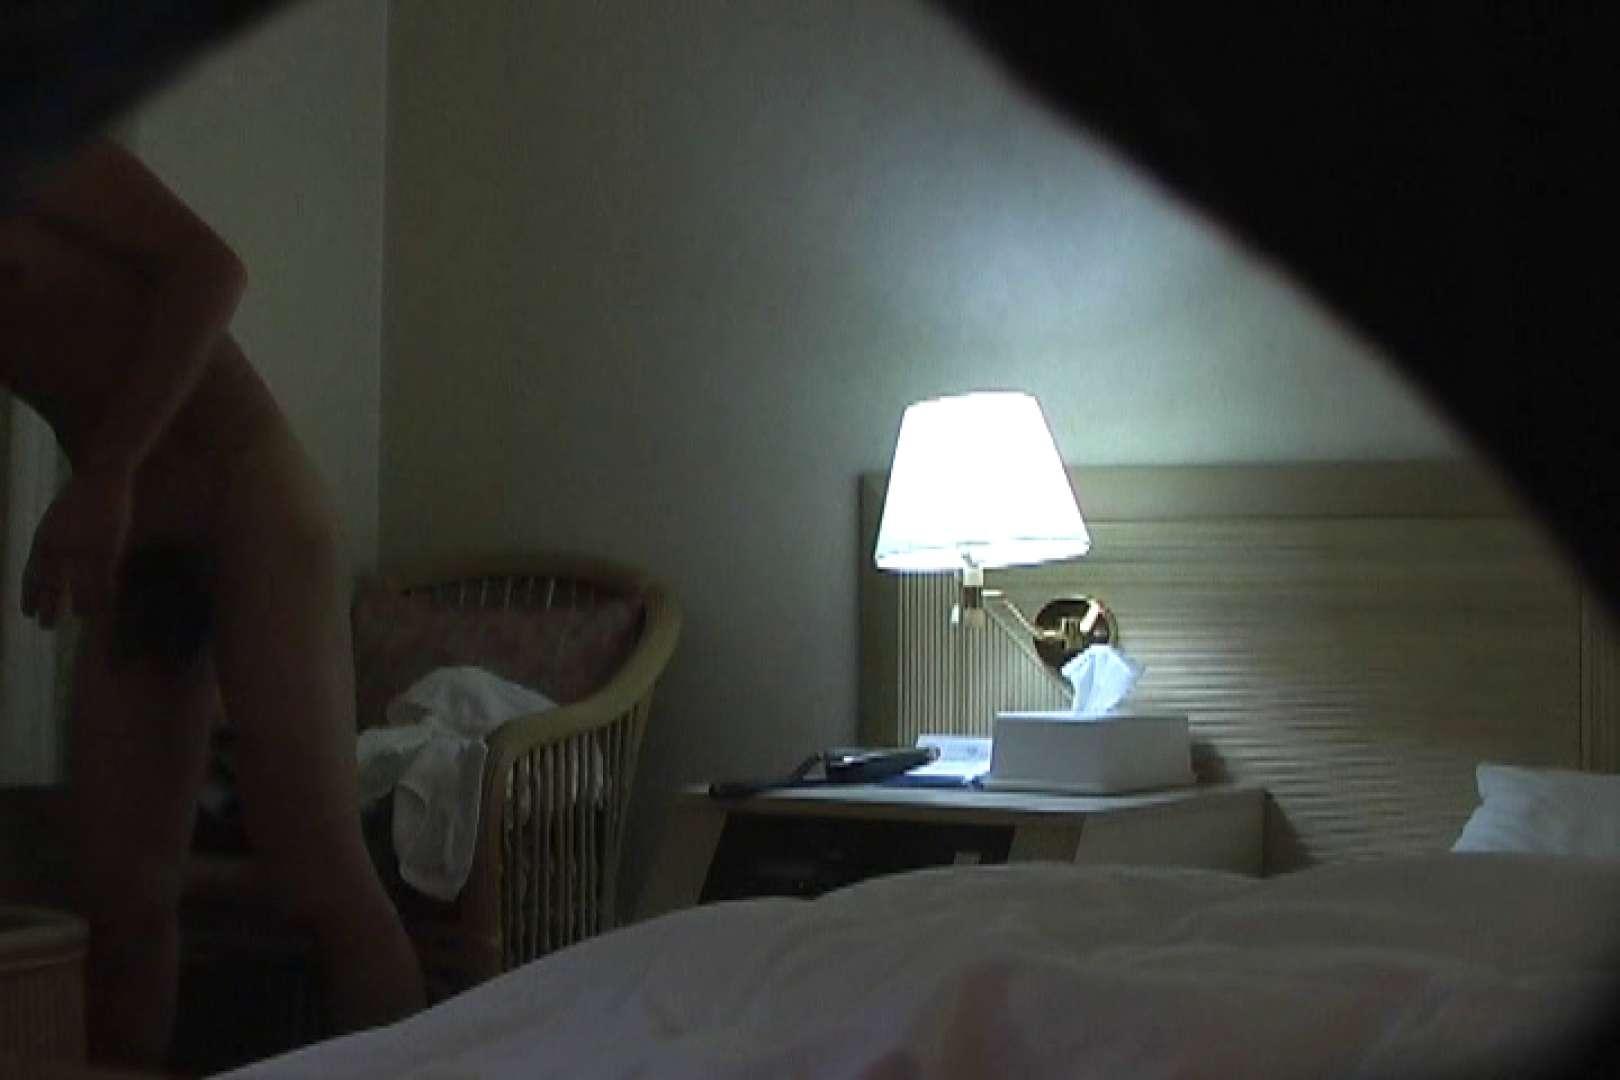 オナ好き五郎さん投稿!イケメン限定!下着着替え覗いちゃいました編!Vol.01 ノンケのオナニー ゲイアダルトビデオ画像 20連発 3